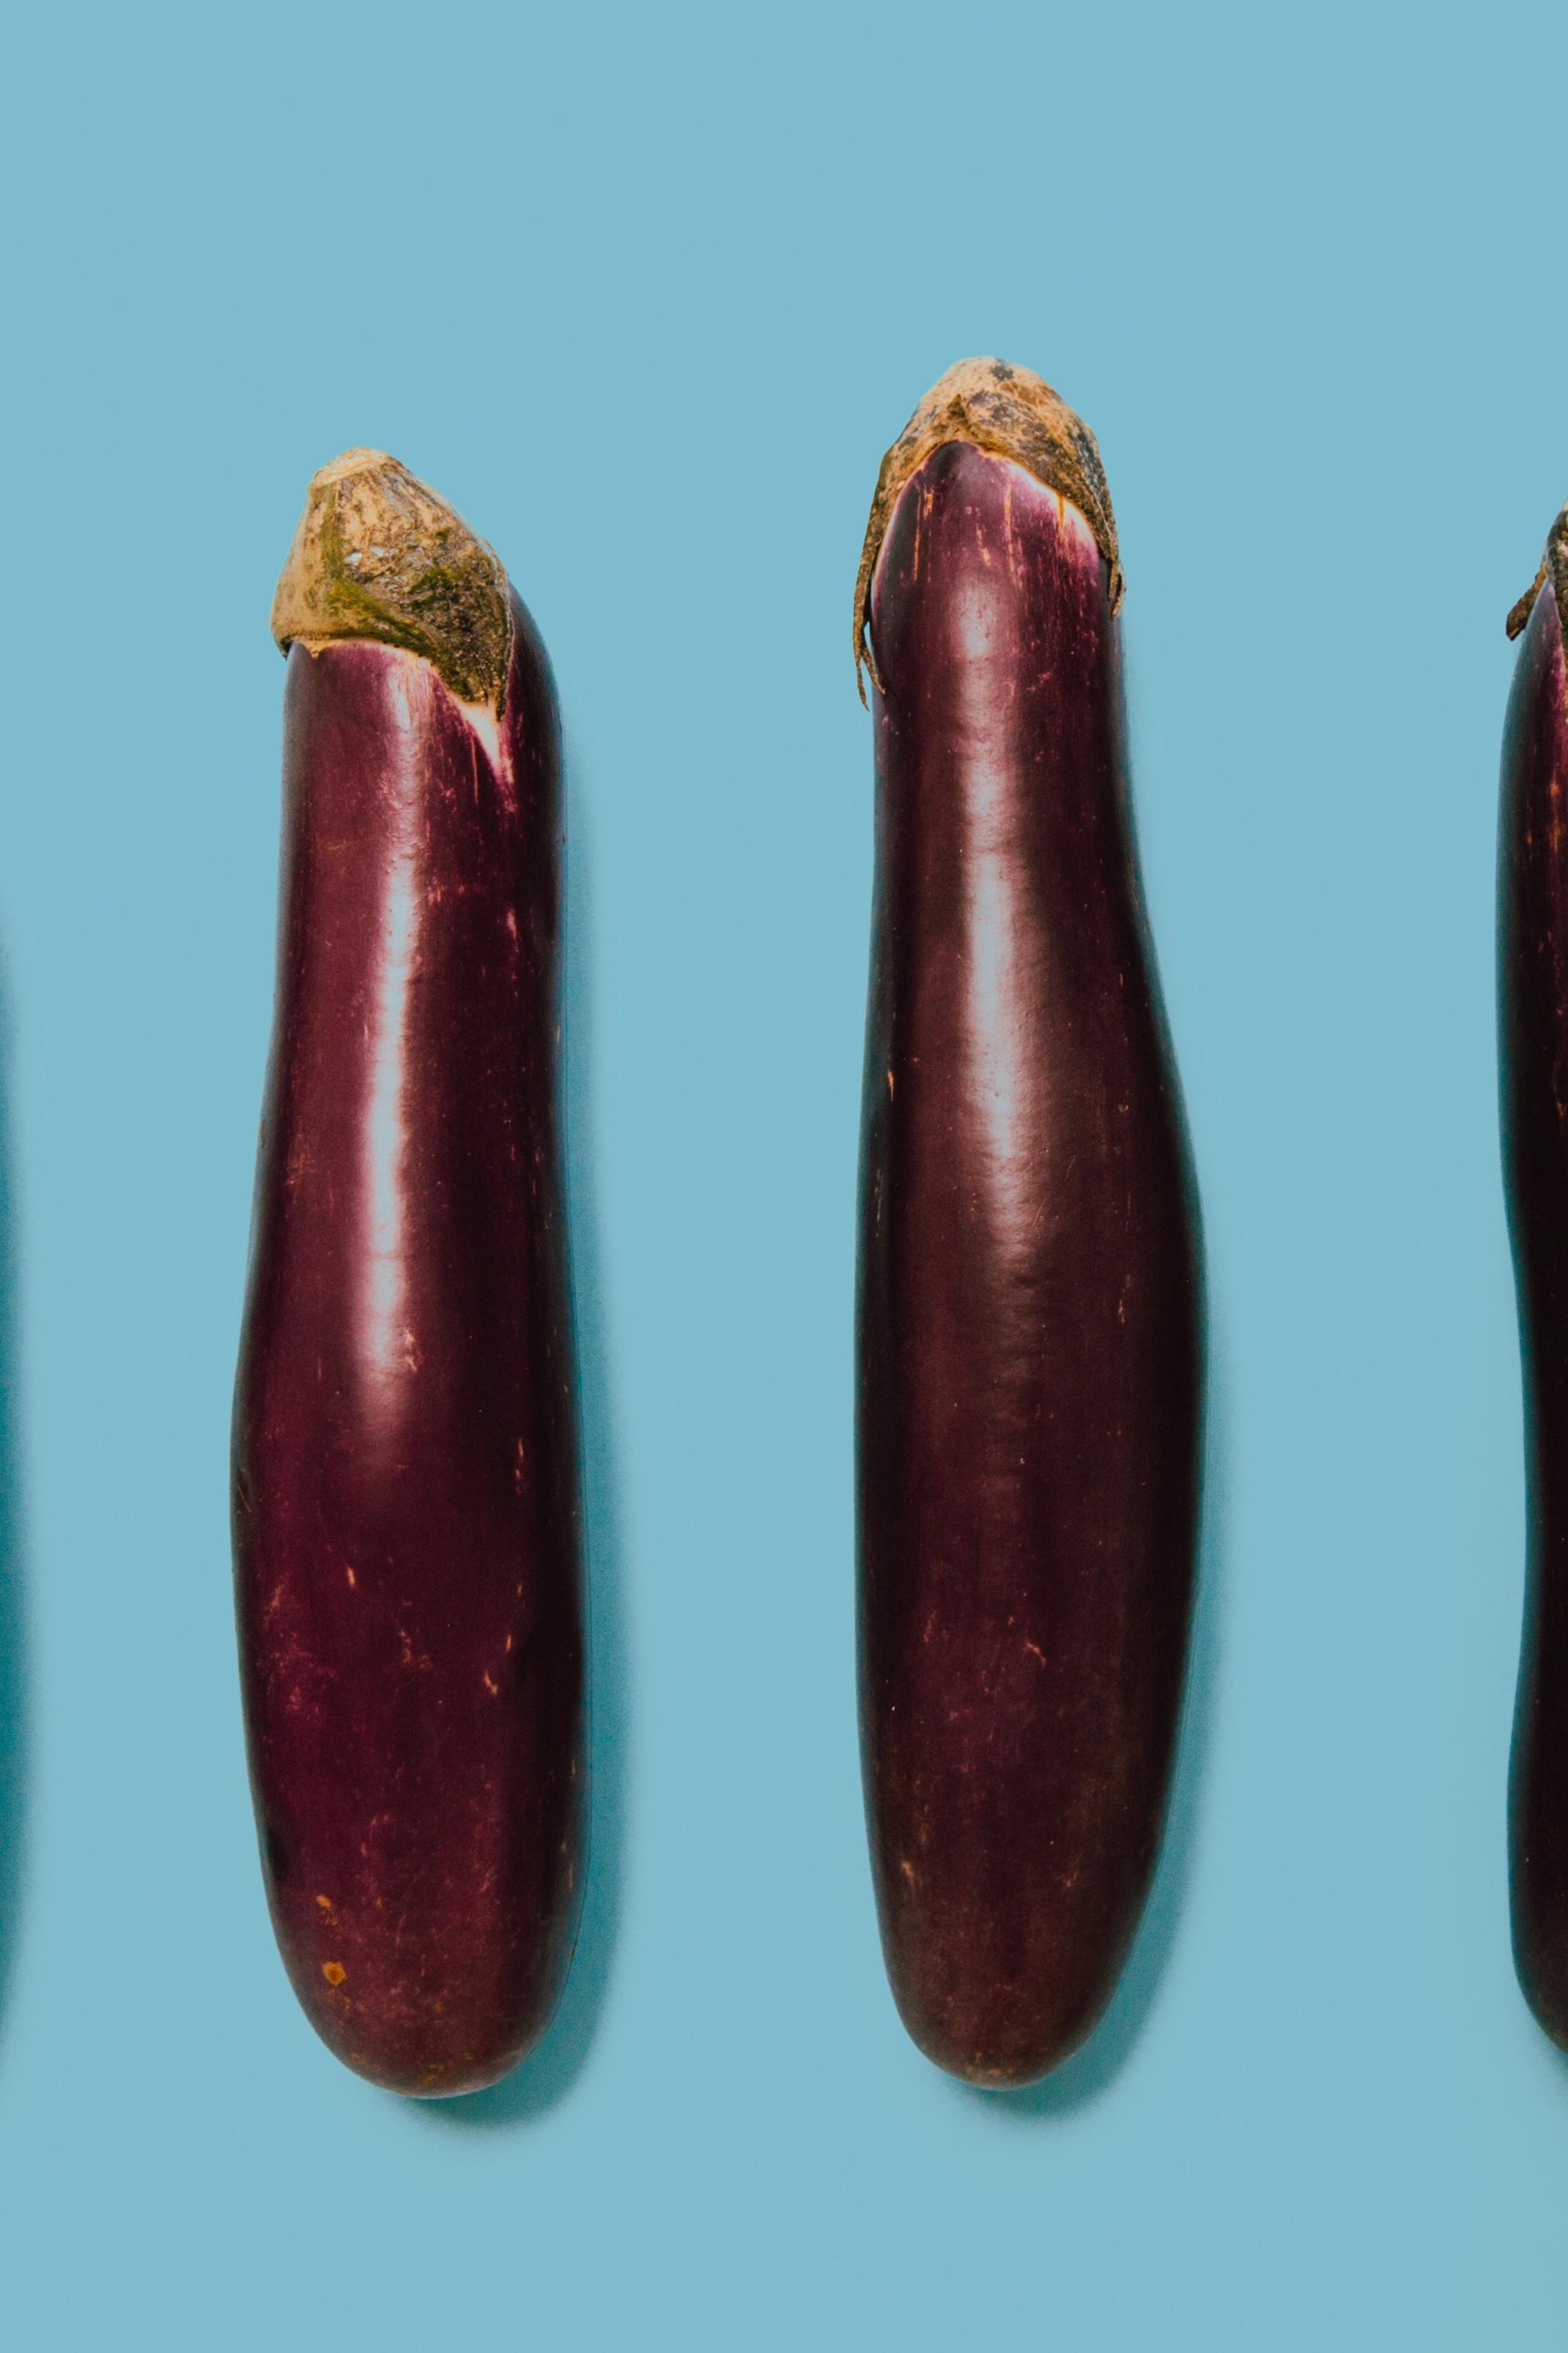 în timpul unei erecții, penisul poate fi moale